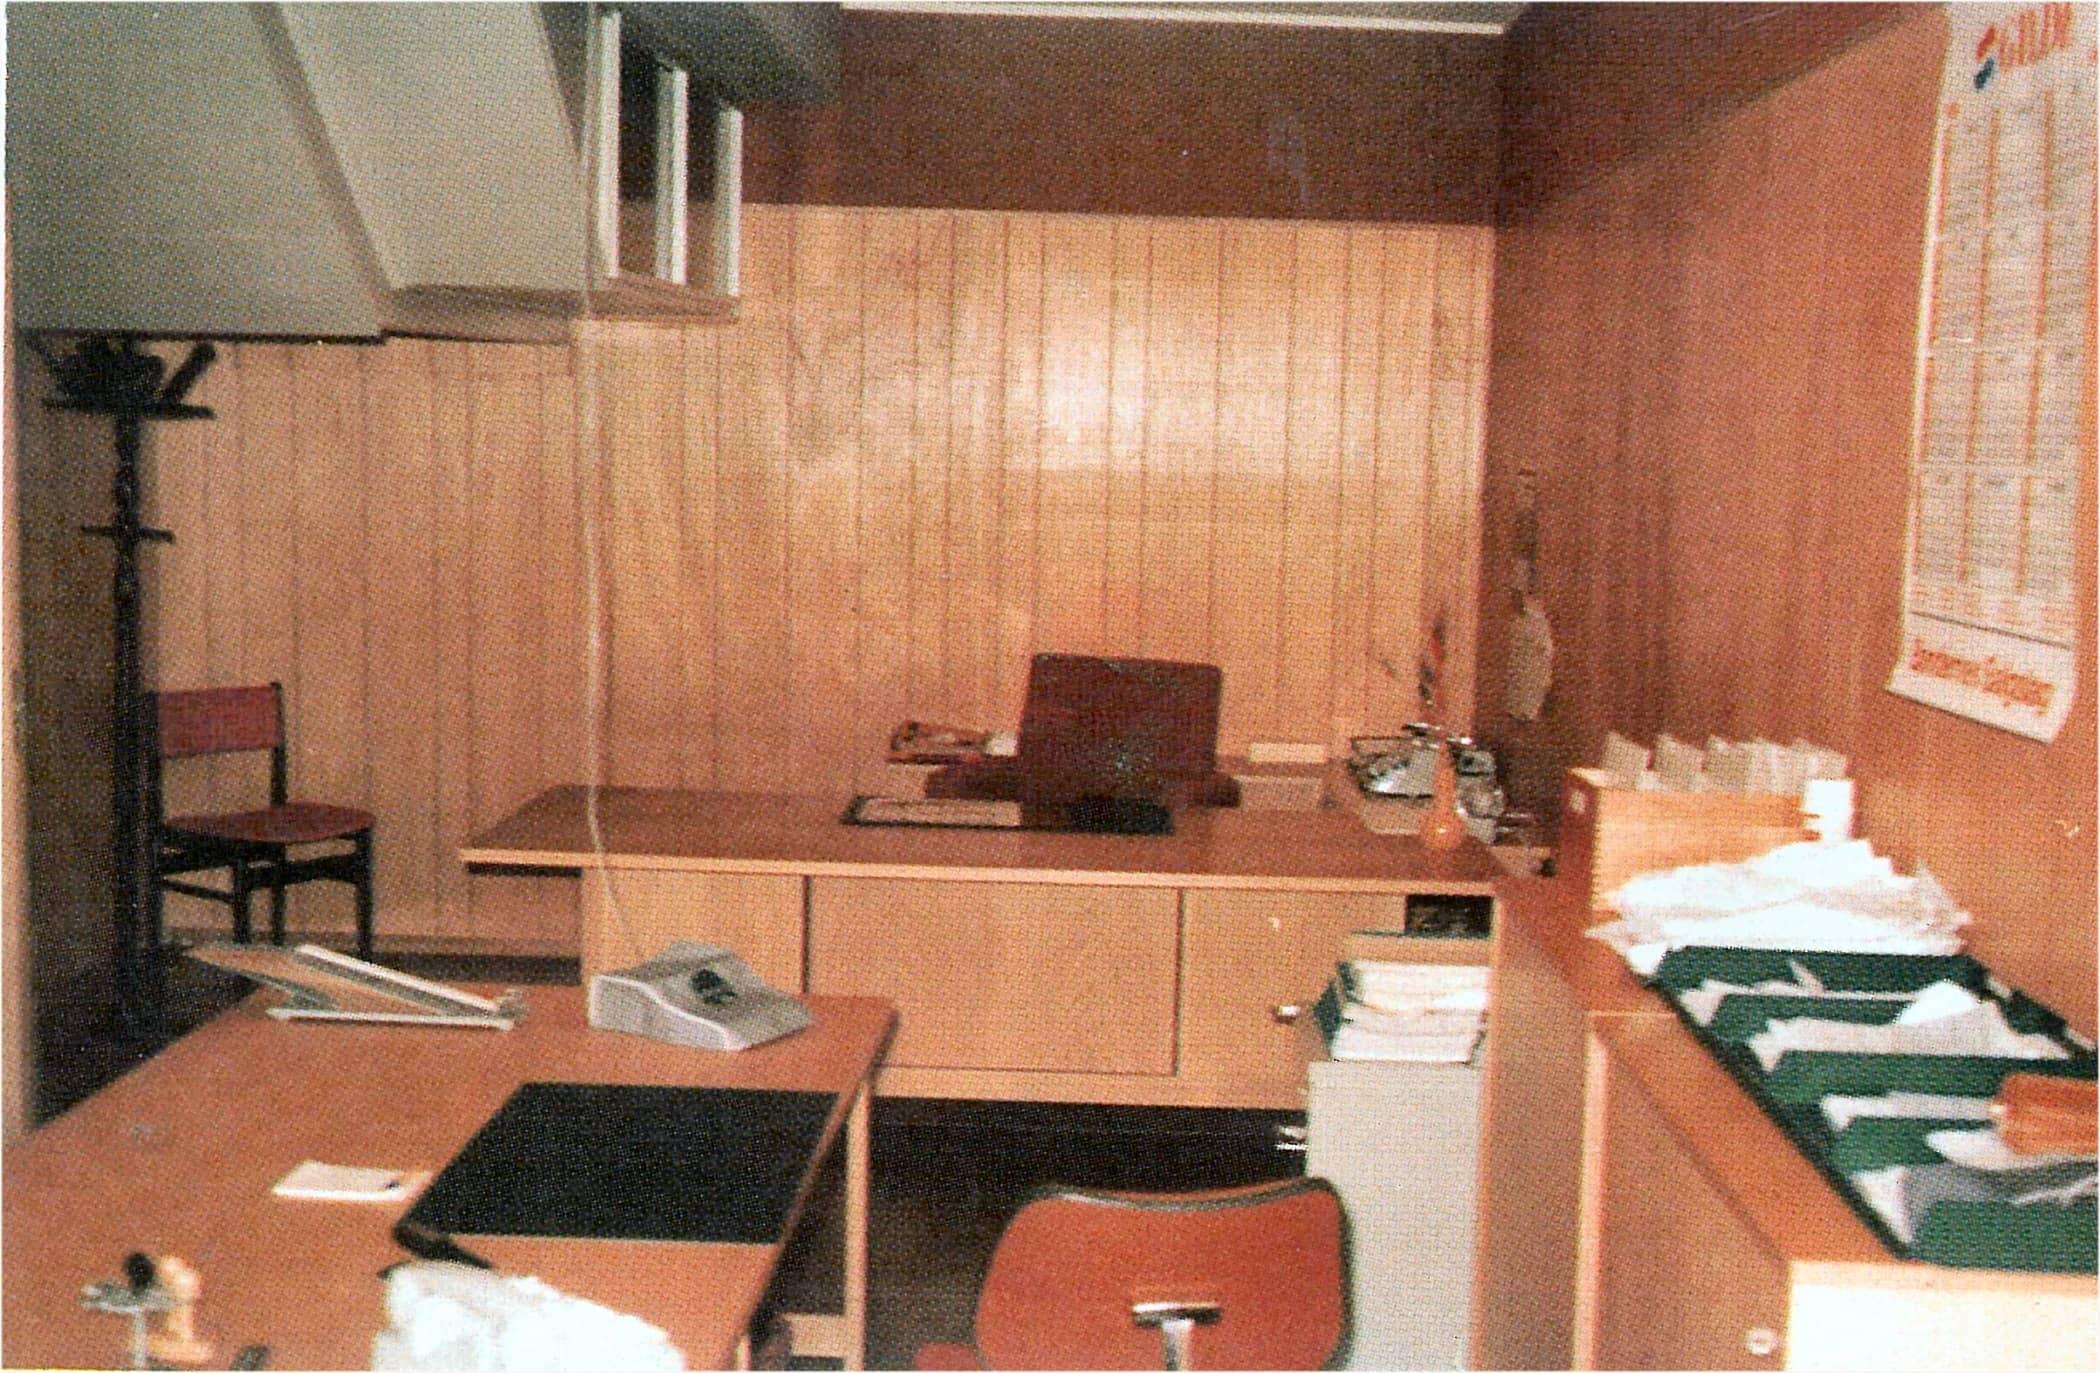 Interior design, Furniture, Building, Room